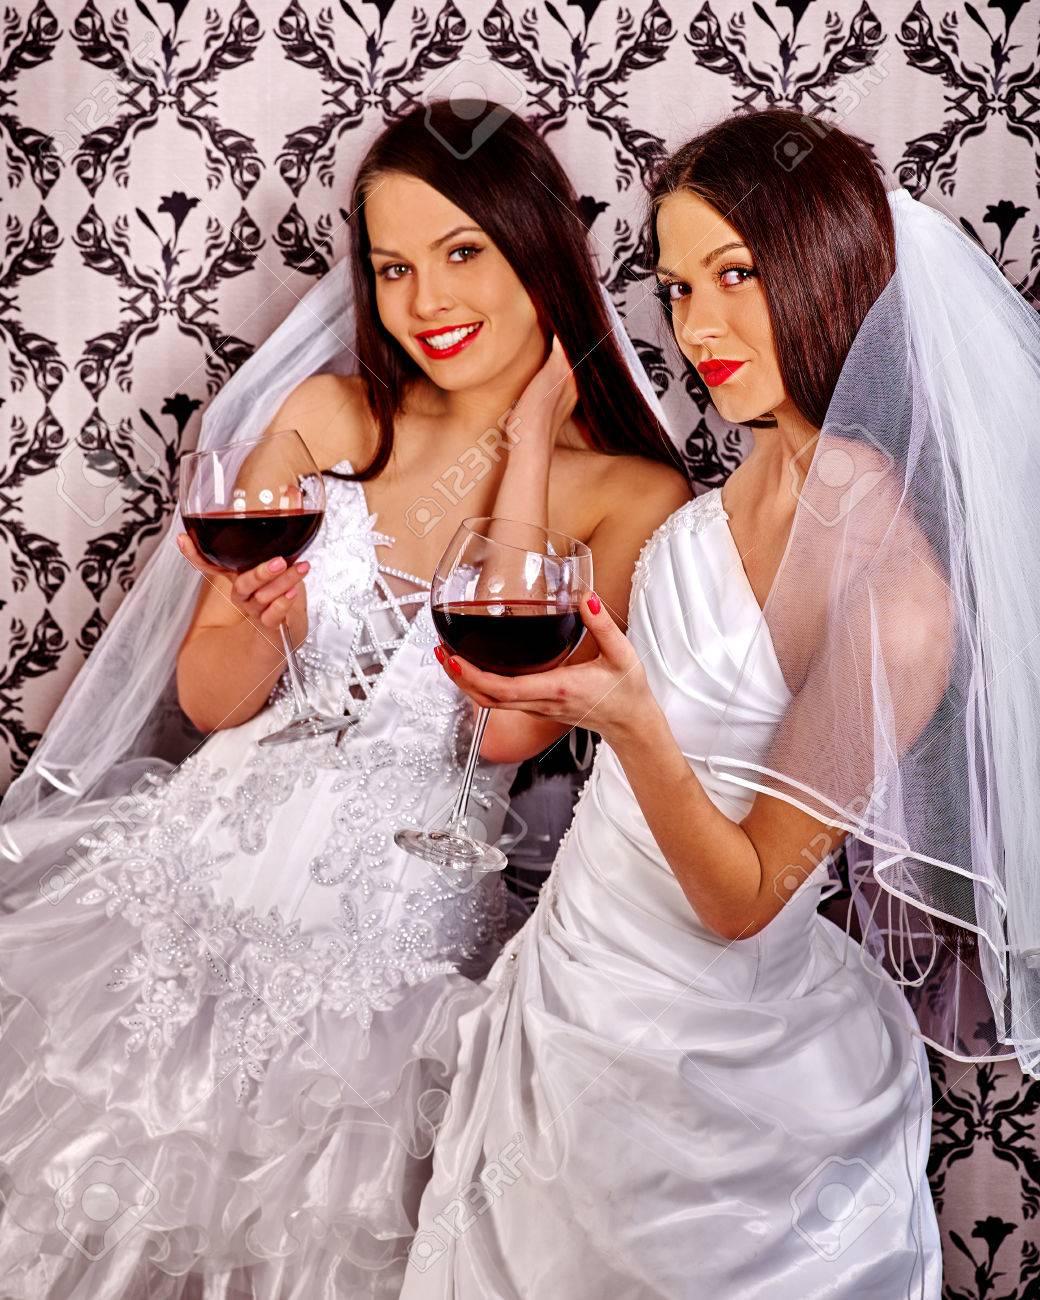 Свадьба лесбиянок фото 10 фотография